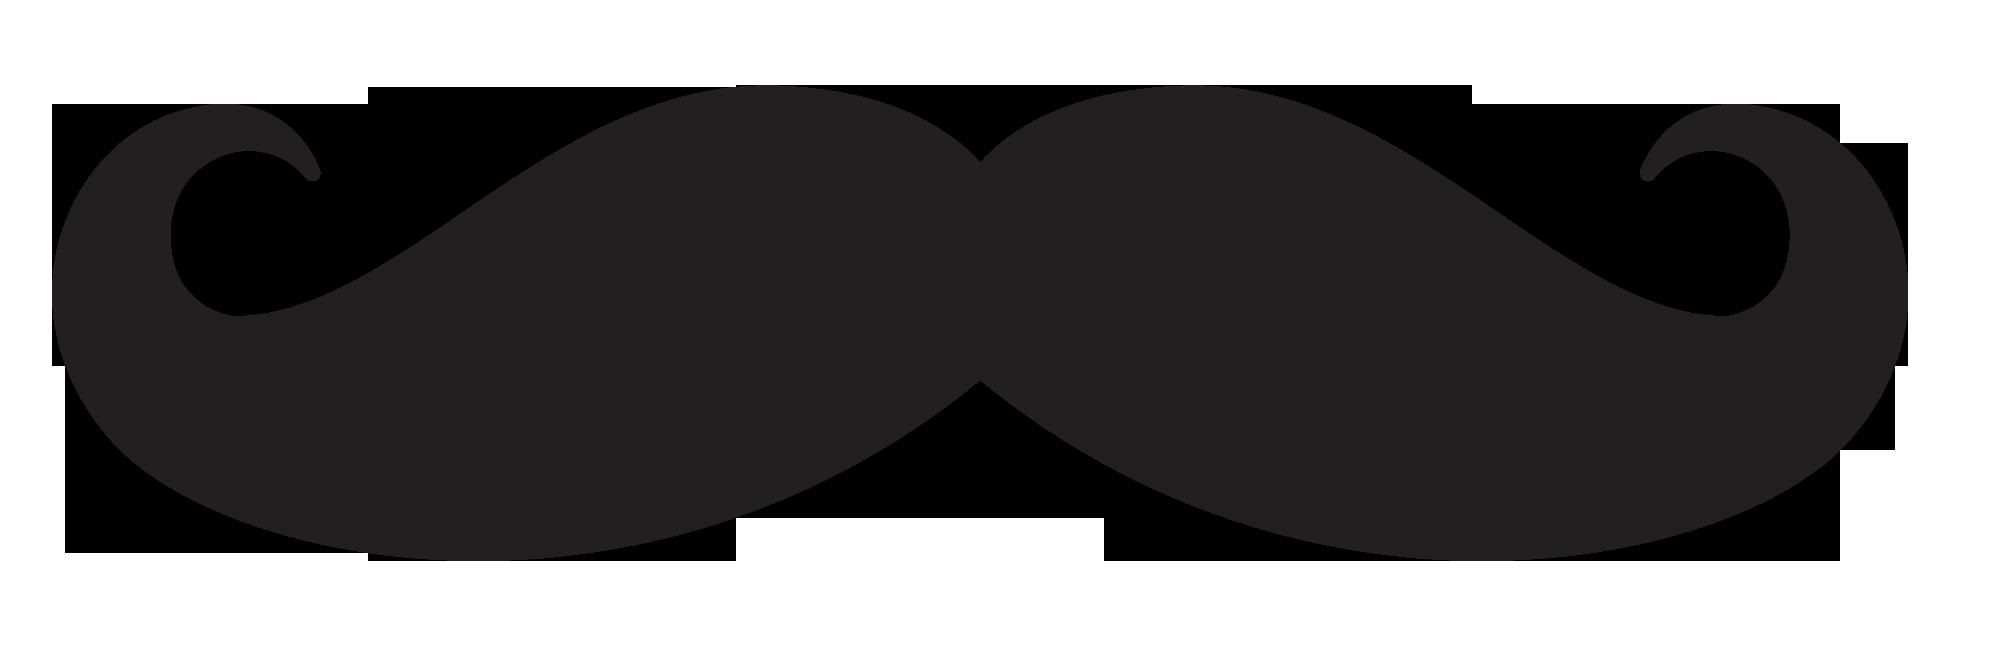 Moustache Clipart-moustache clipart-0